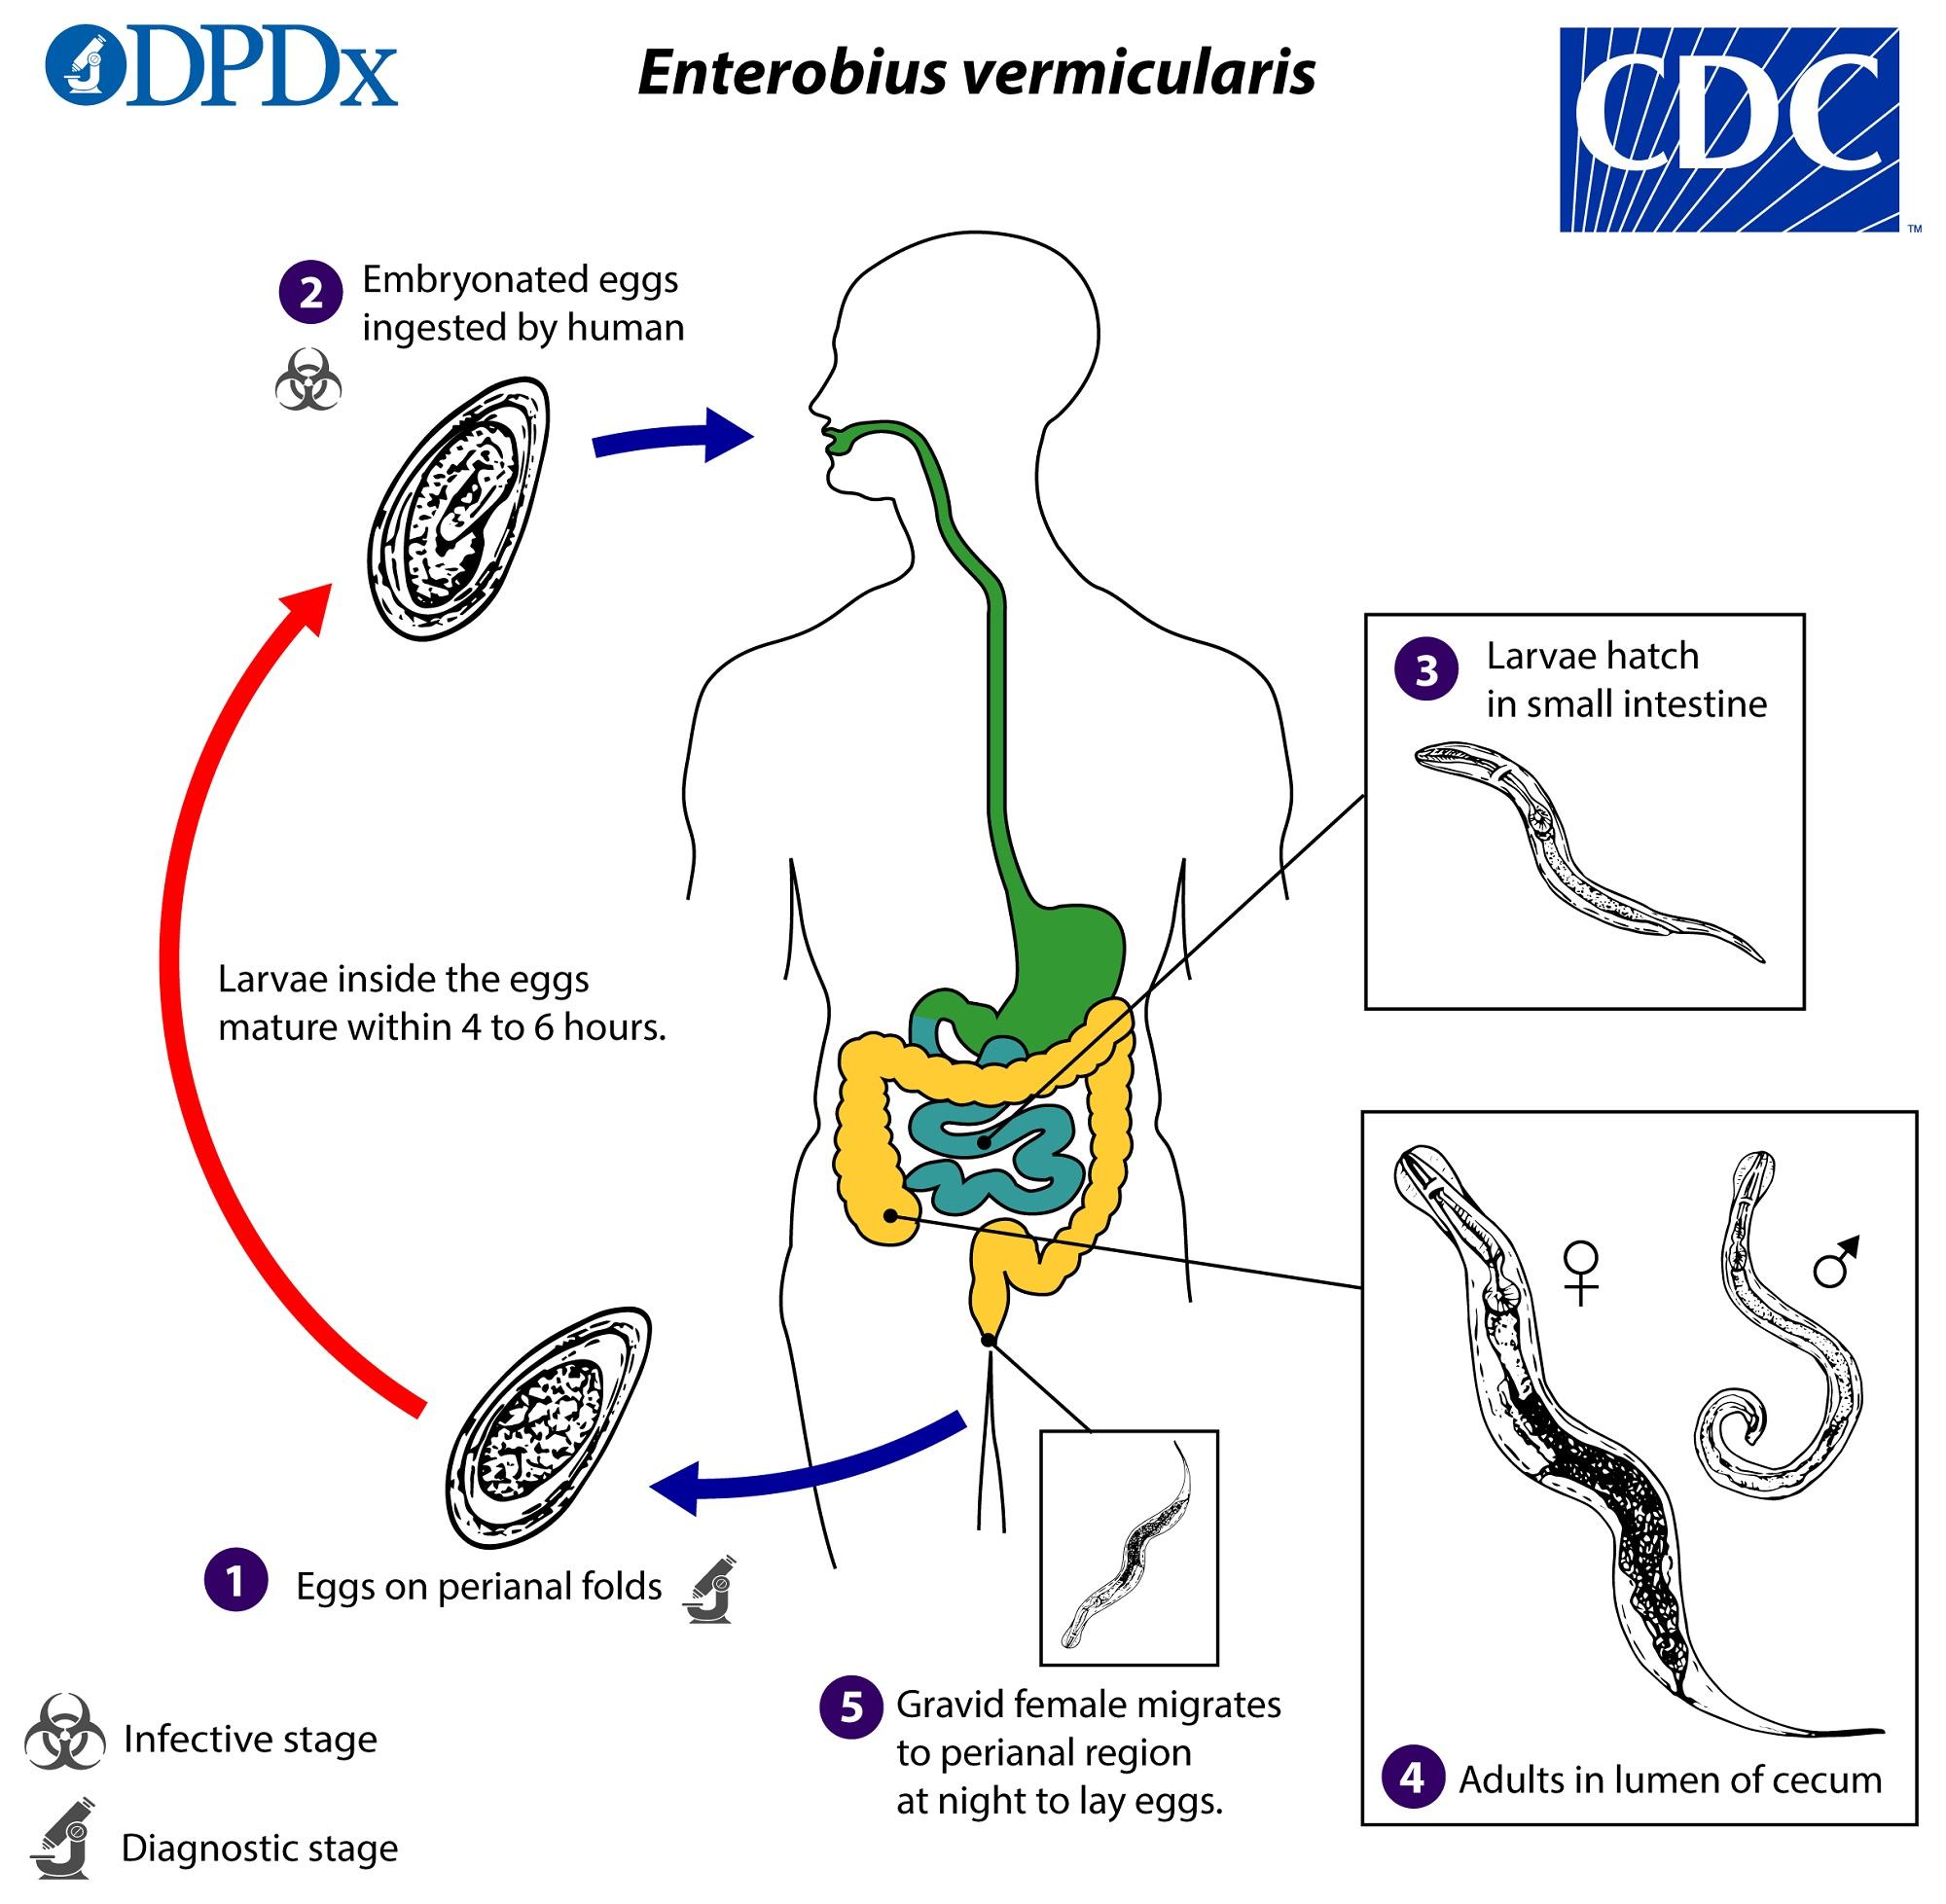 enterobius vermicularis kontil milyen szemölcsök és hogyan néznek ki